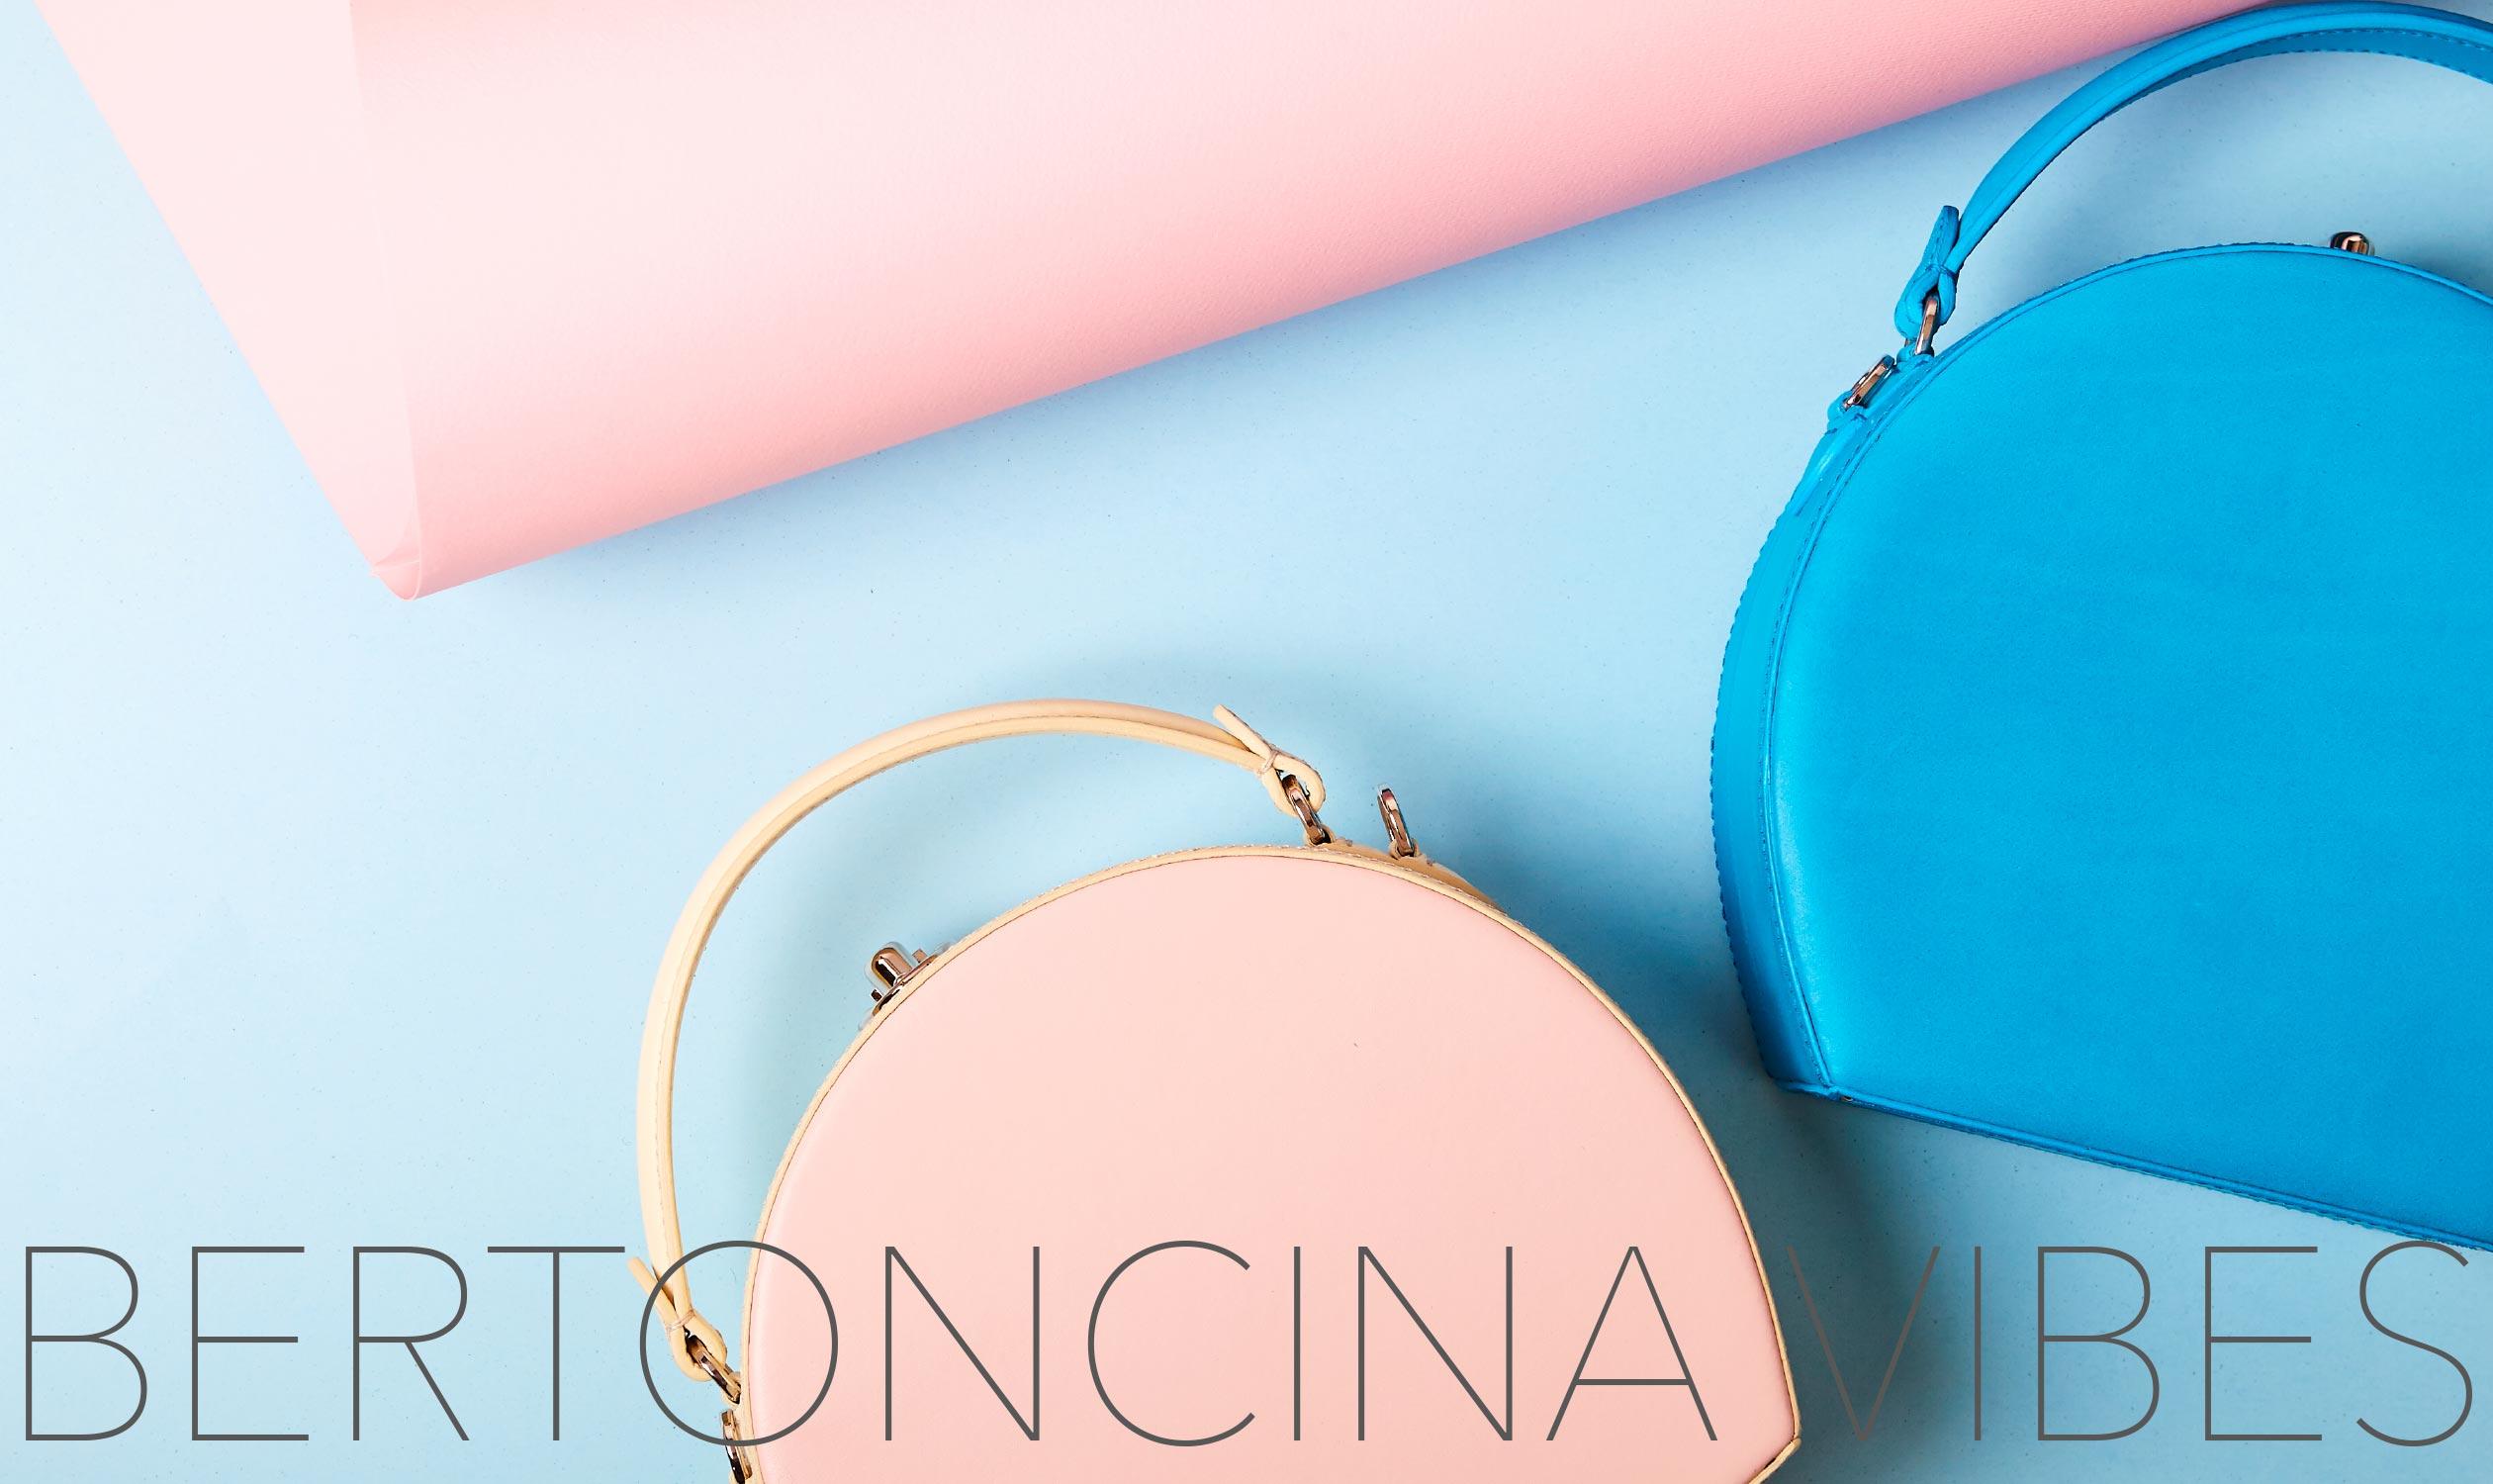 Bertoncina-rose-blu-big-bertoni-1949